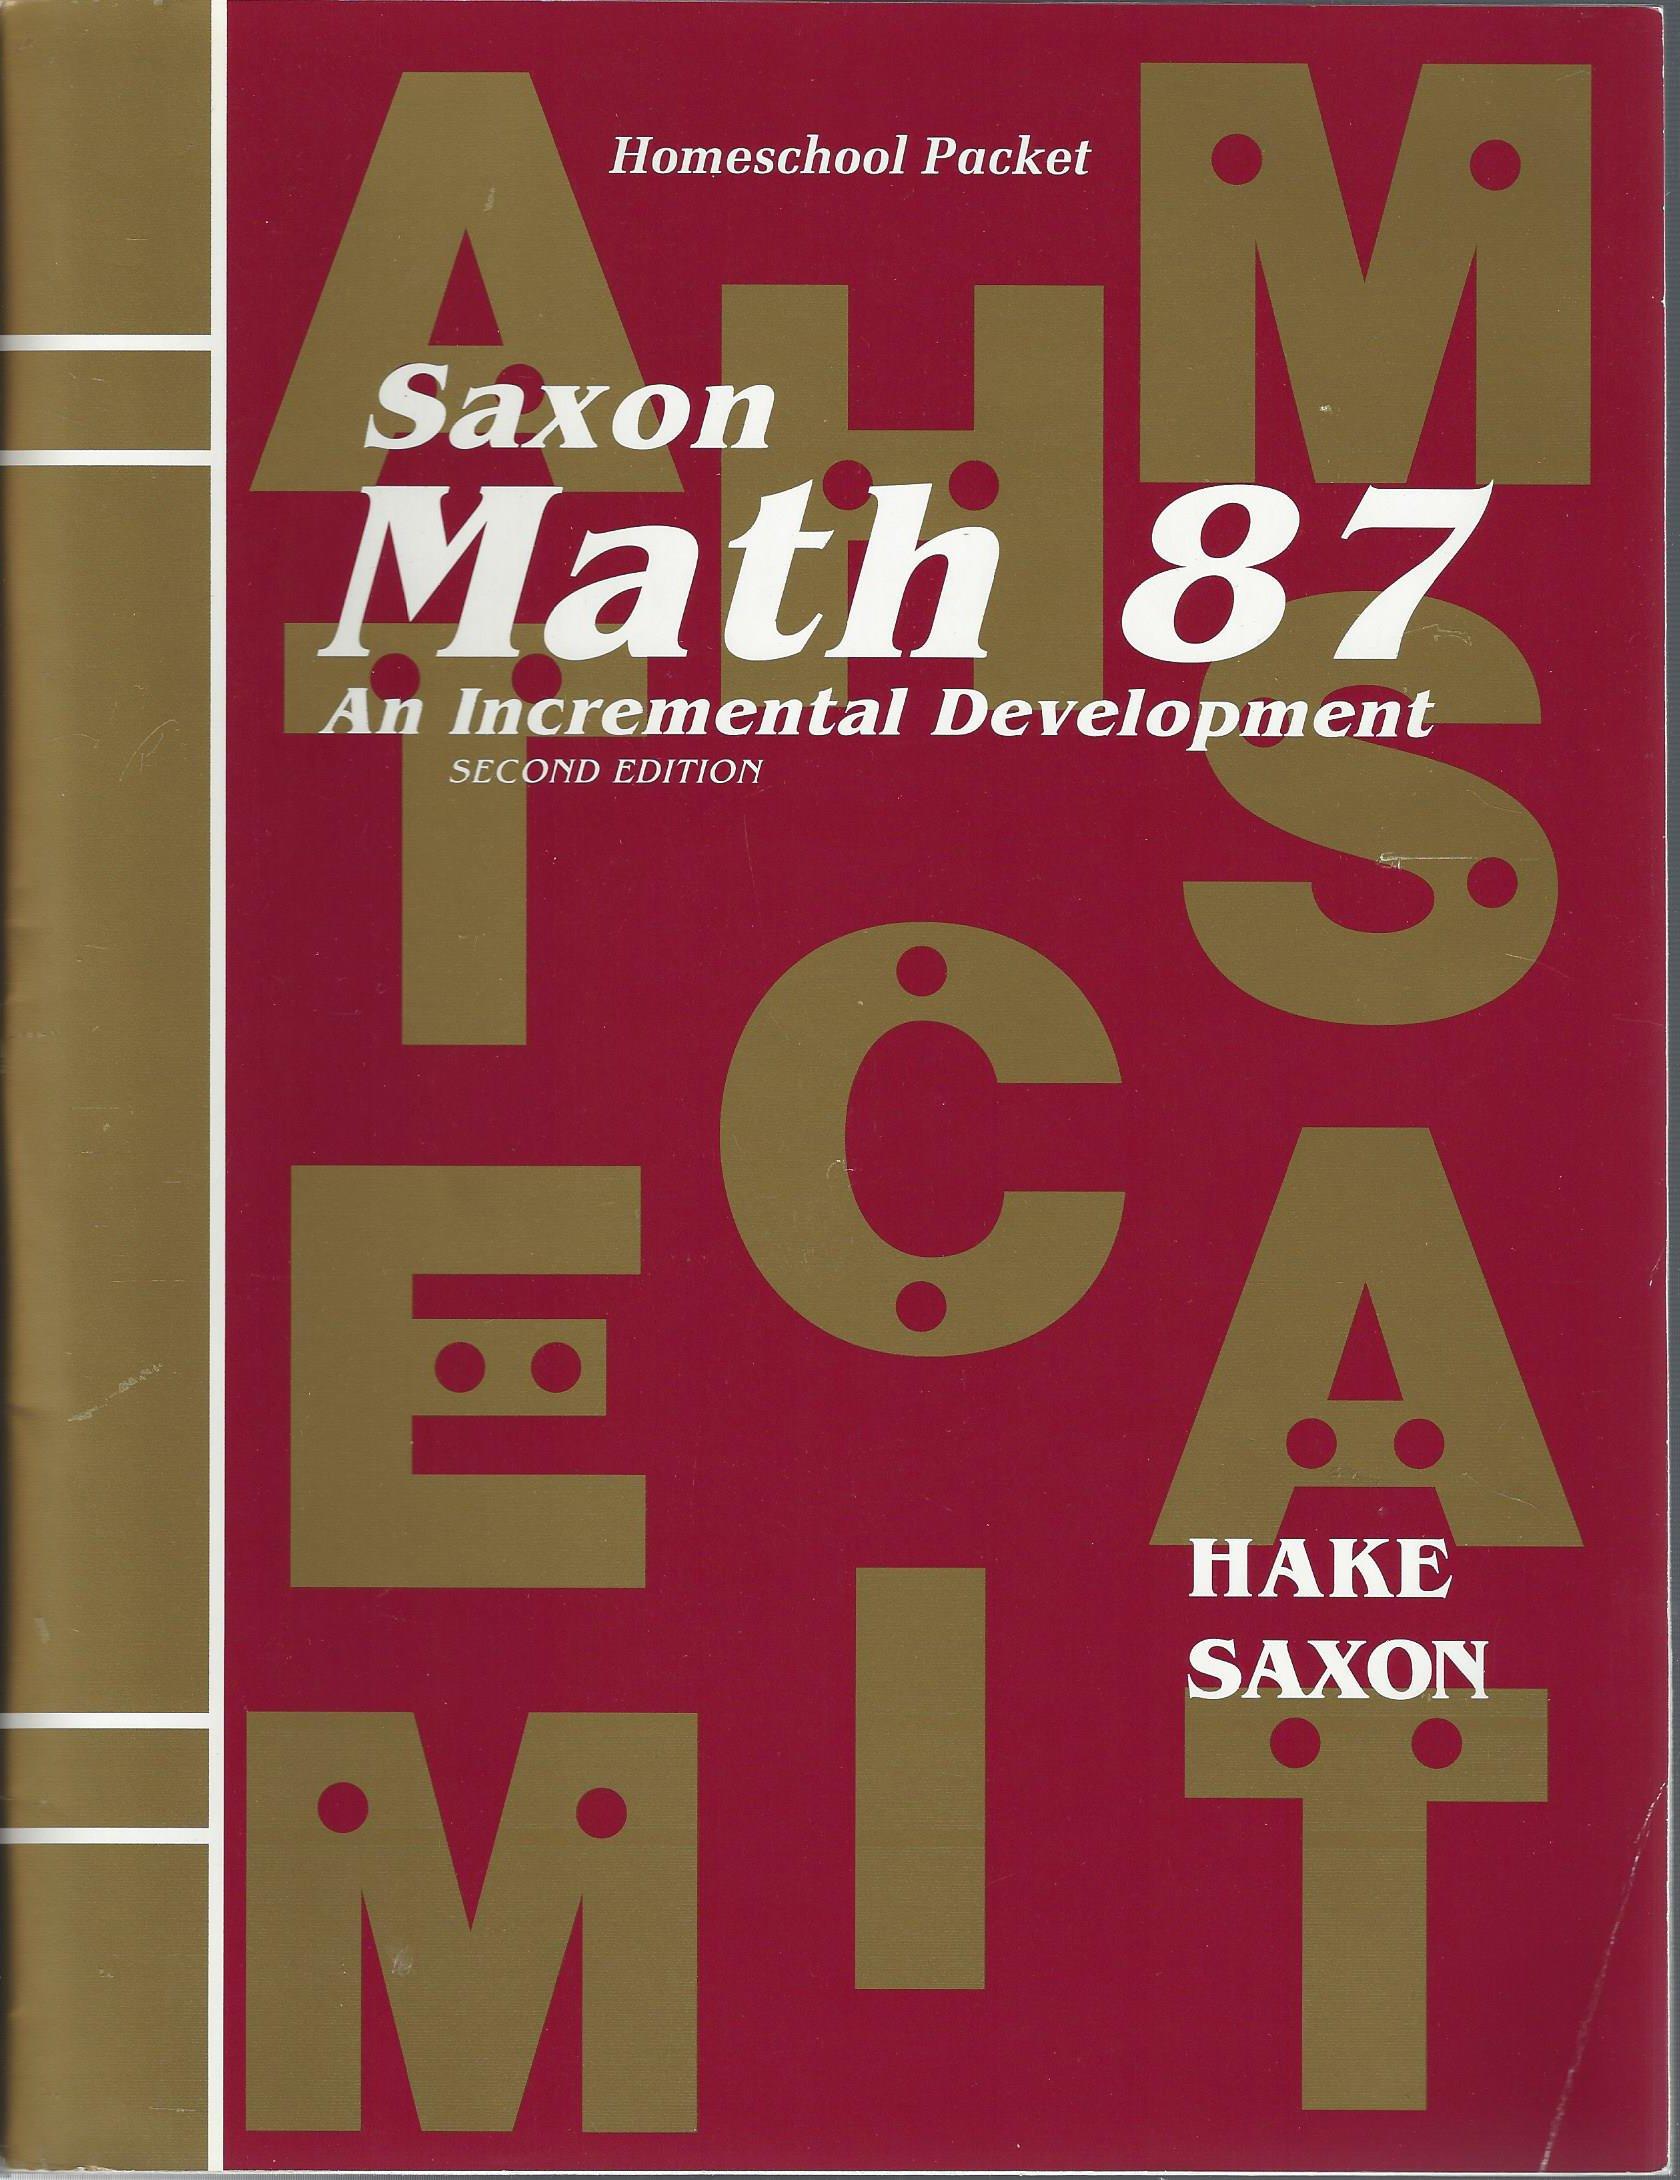 Math 87 2e Answer Key & Tests (Saxon Math 8/7): Amazon co uk